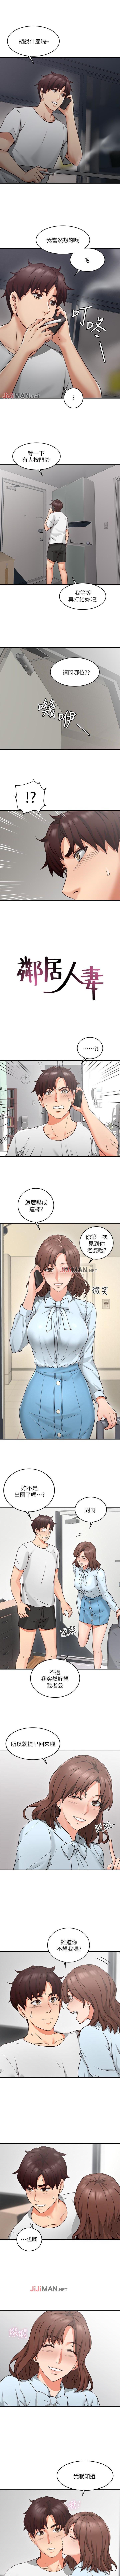 【周六更新】邻居人妻(作者:李周元 & 頸枕) 第1~50话 58